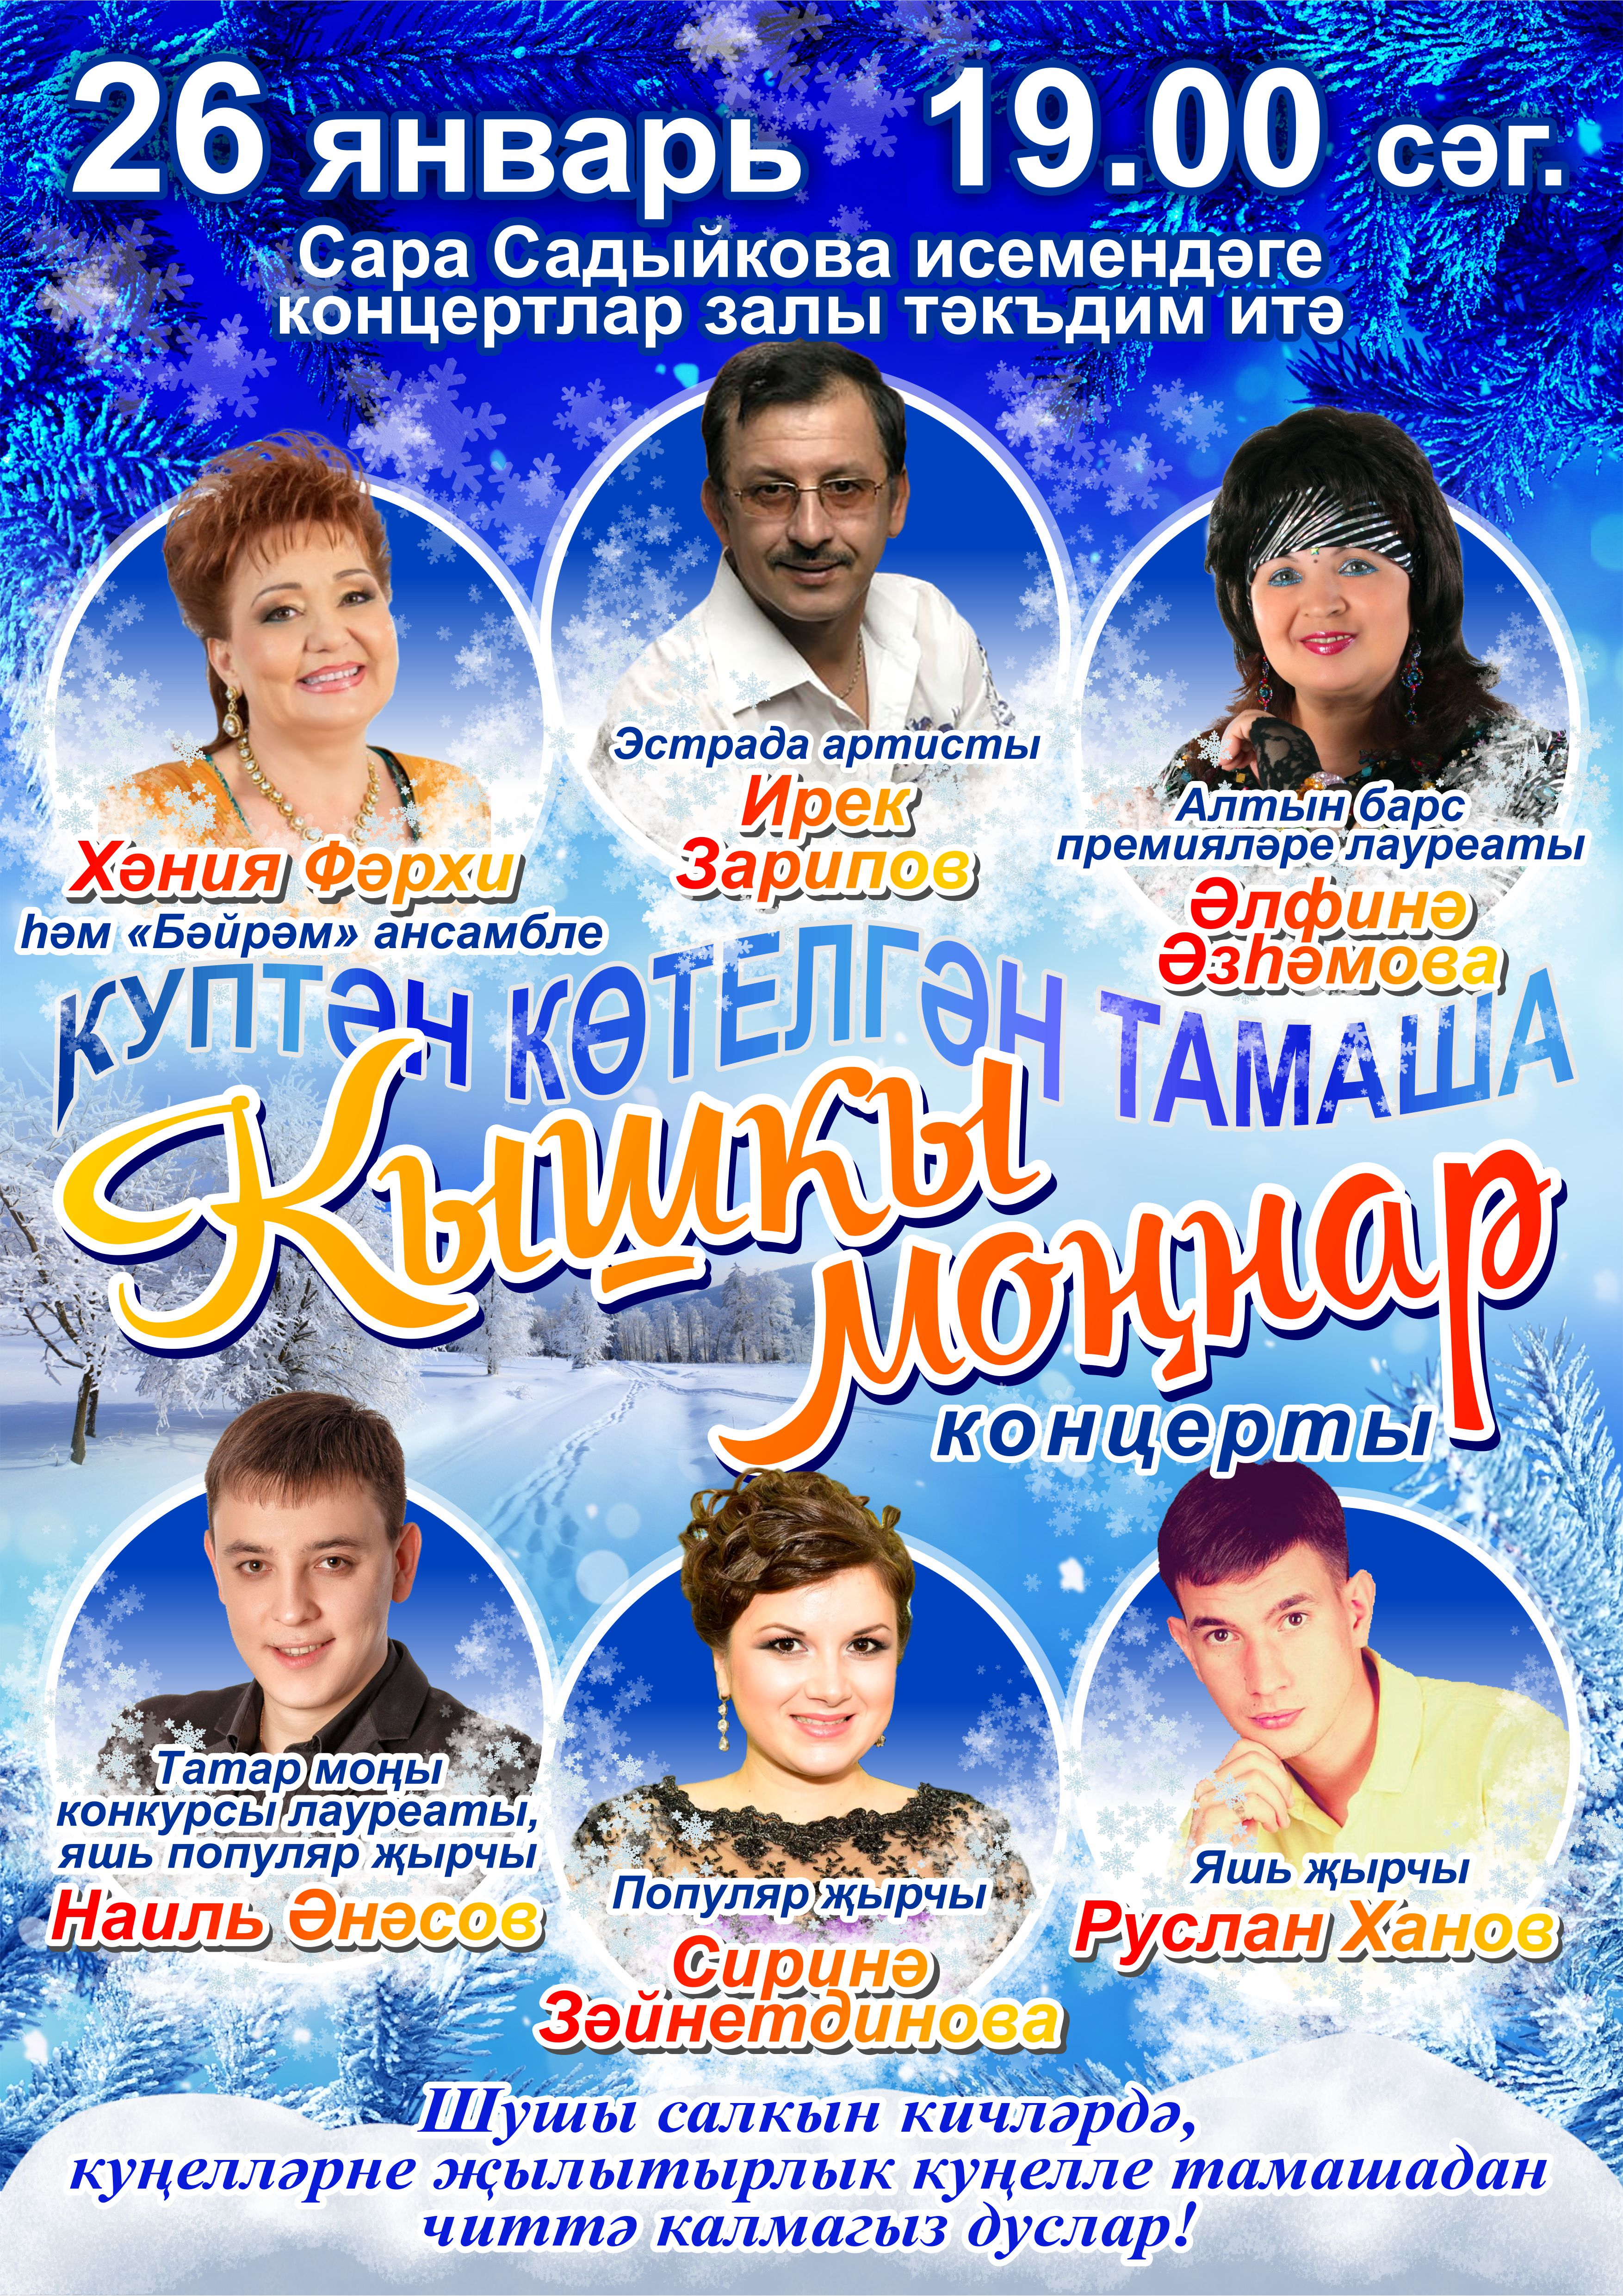 концерт «Кышкы моңнар»